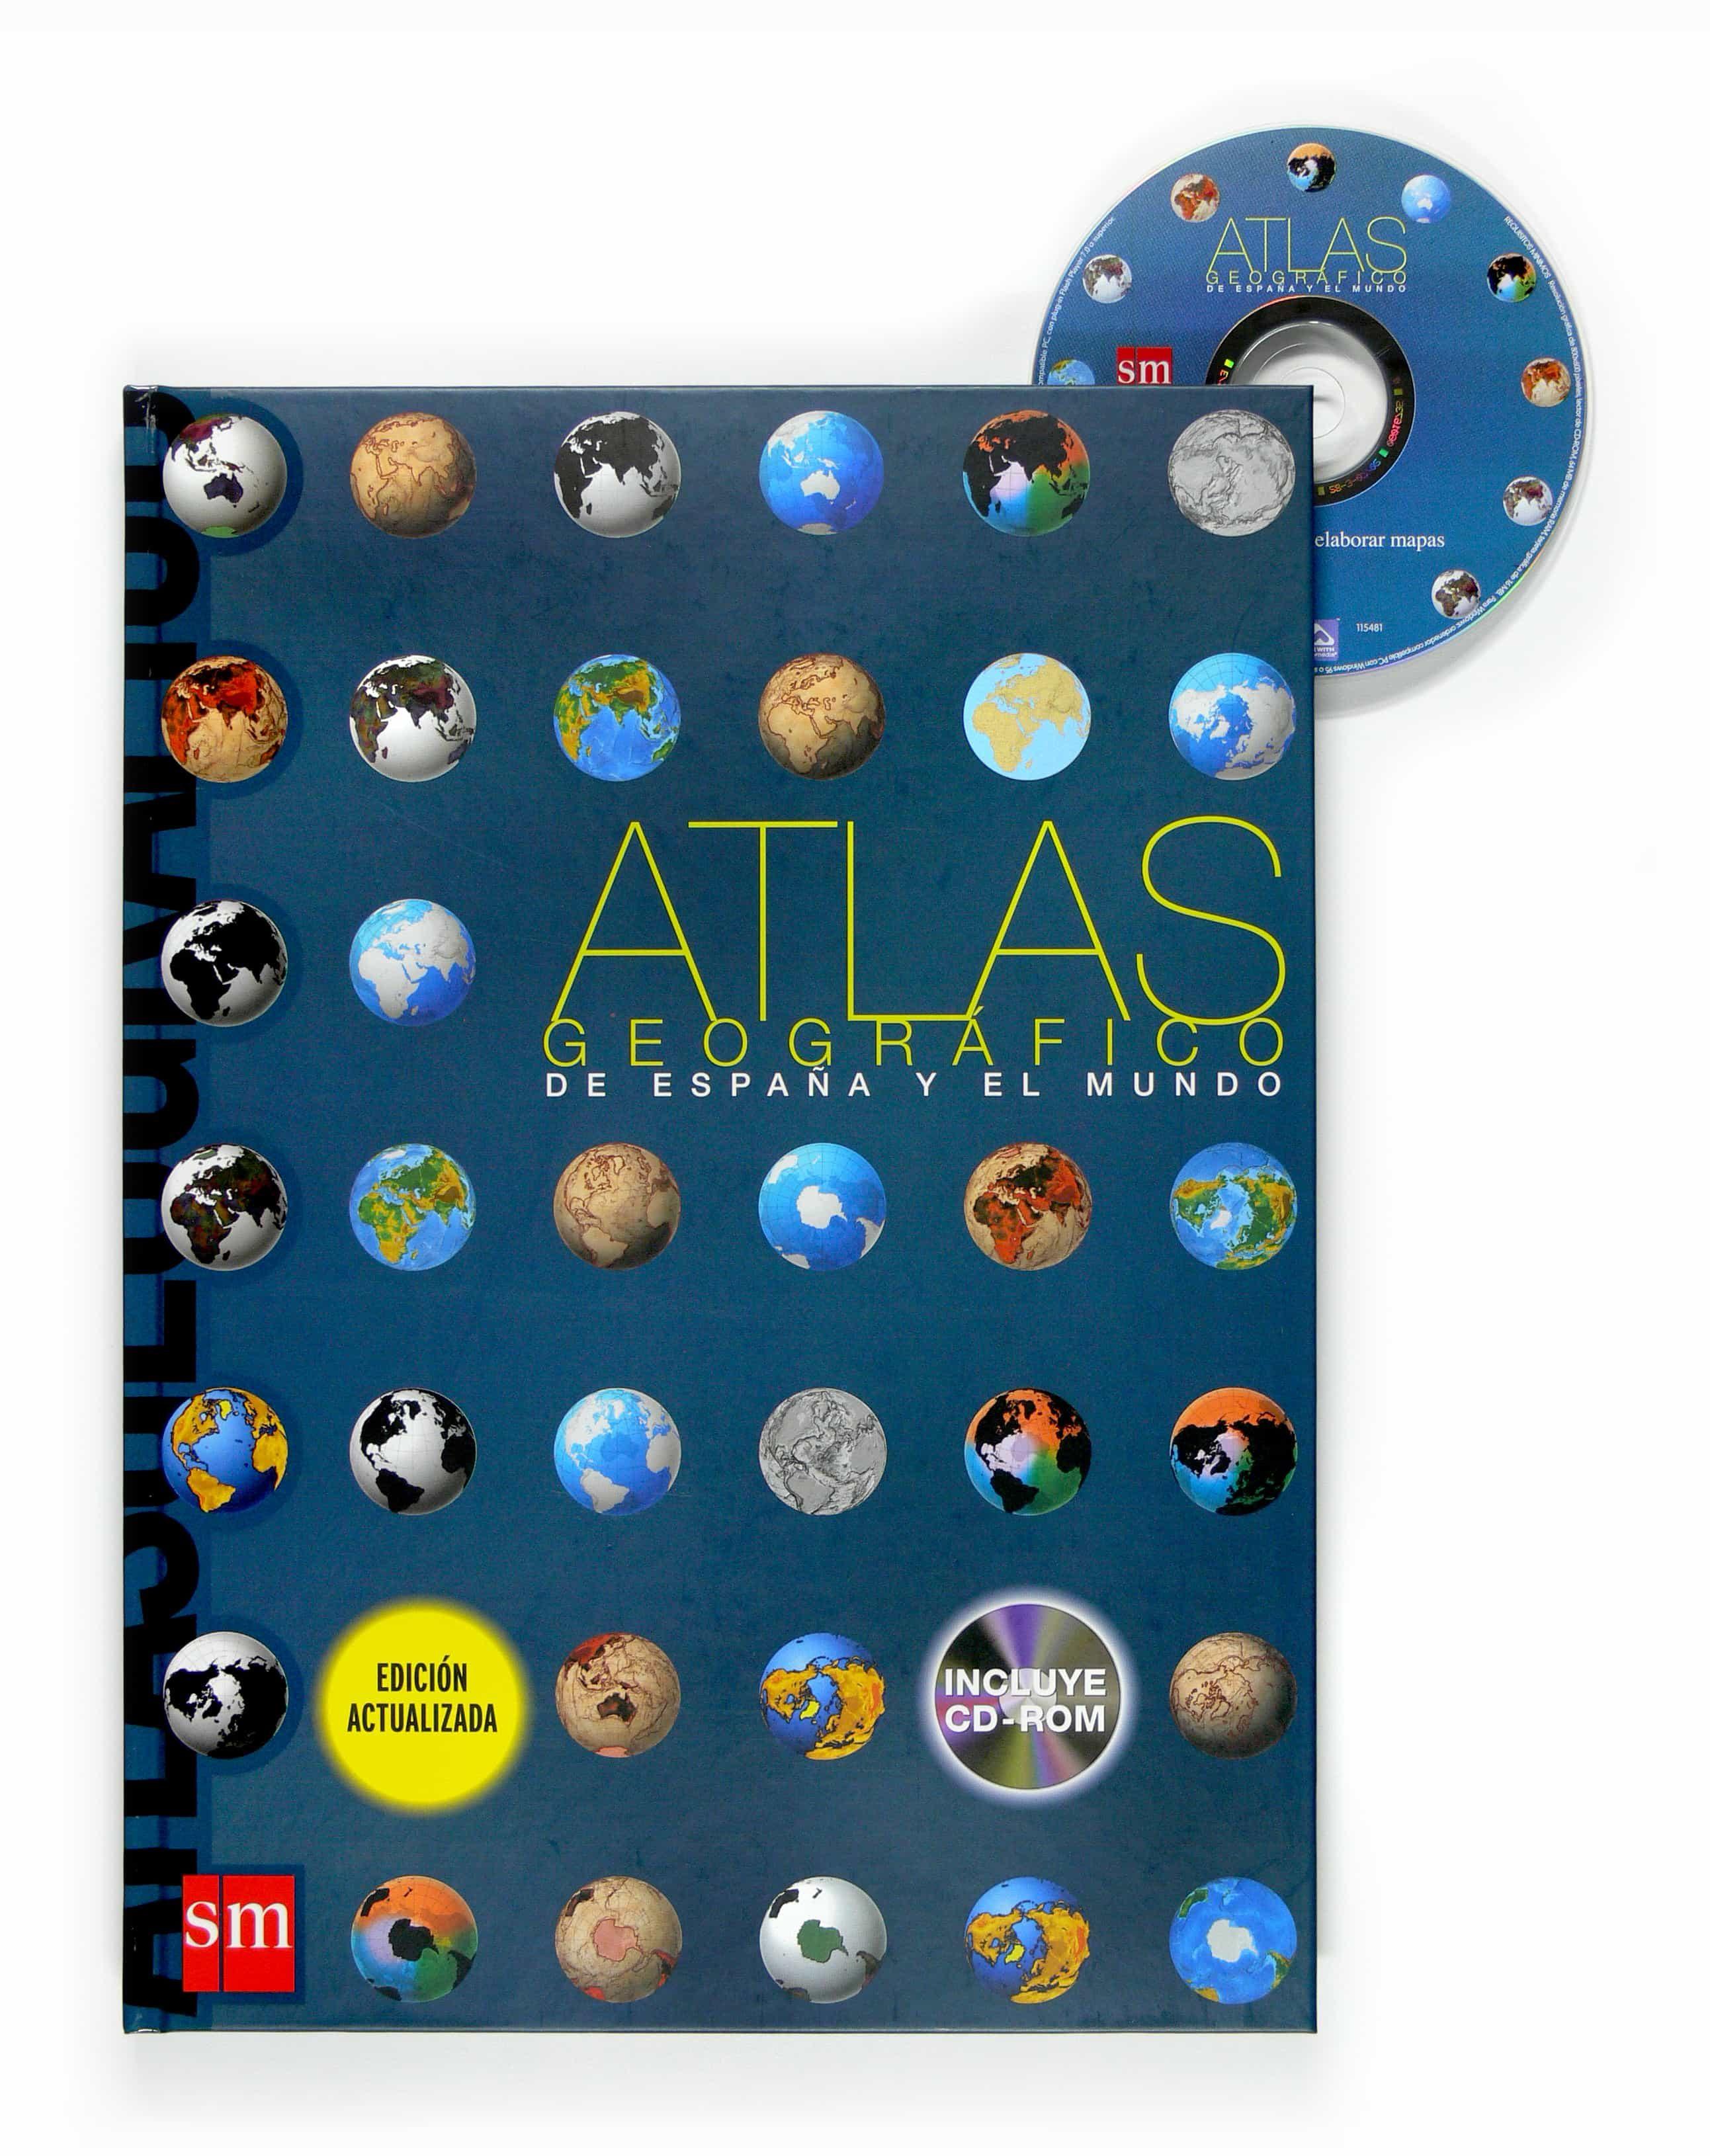 Atlas Geografico De España Y El Mundo (incluye Cd-rom) por Vv.aa. epub